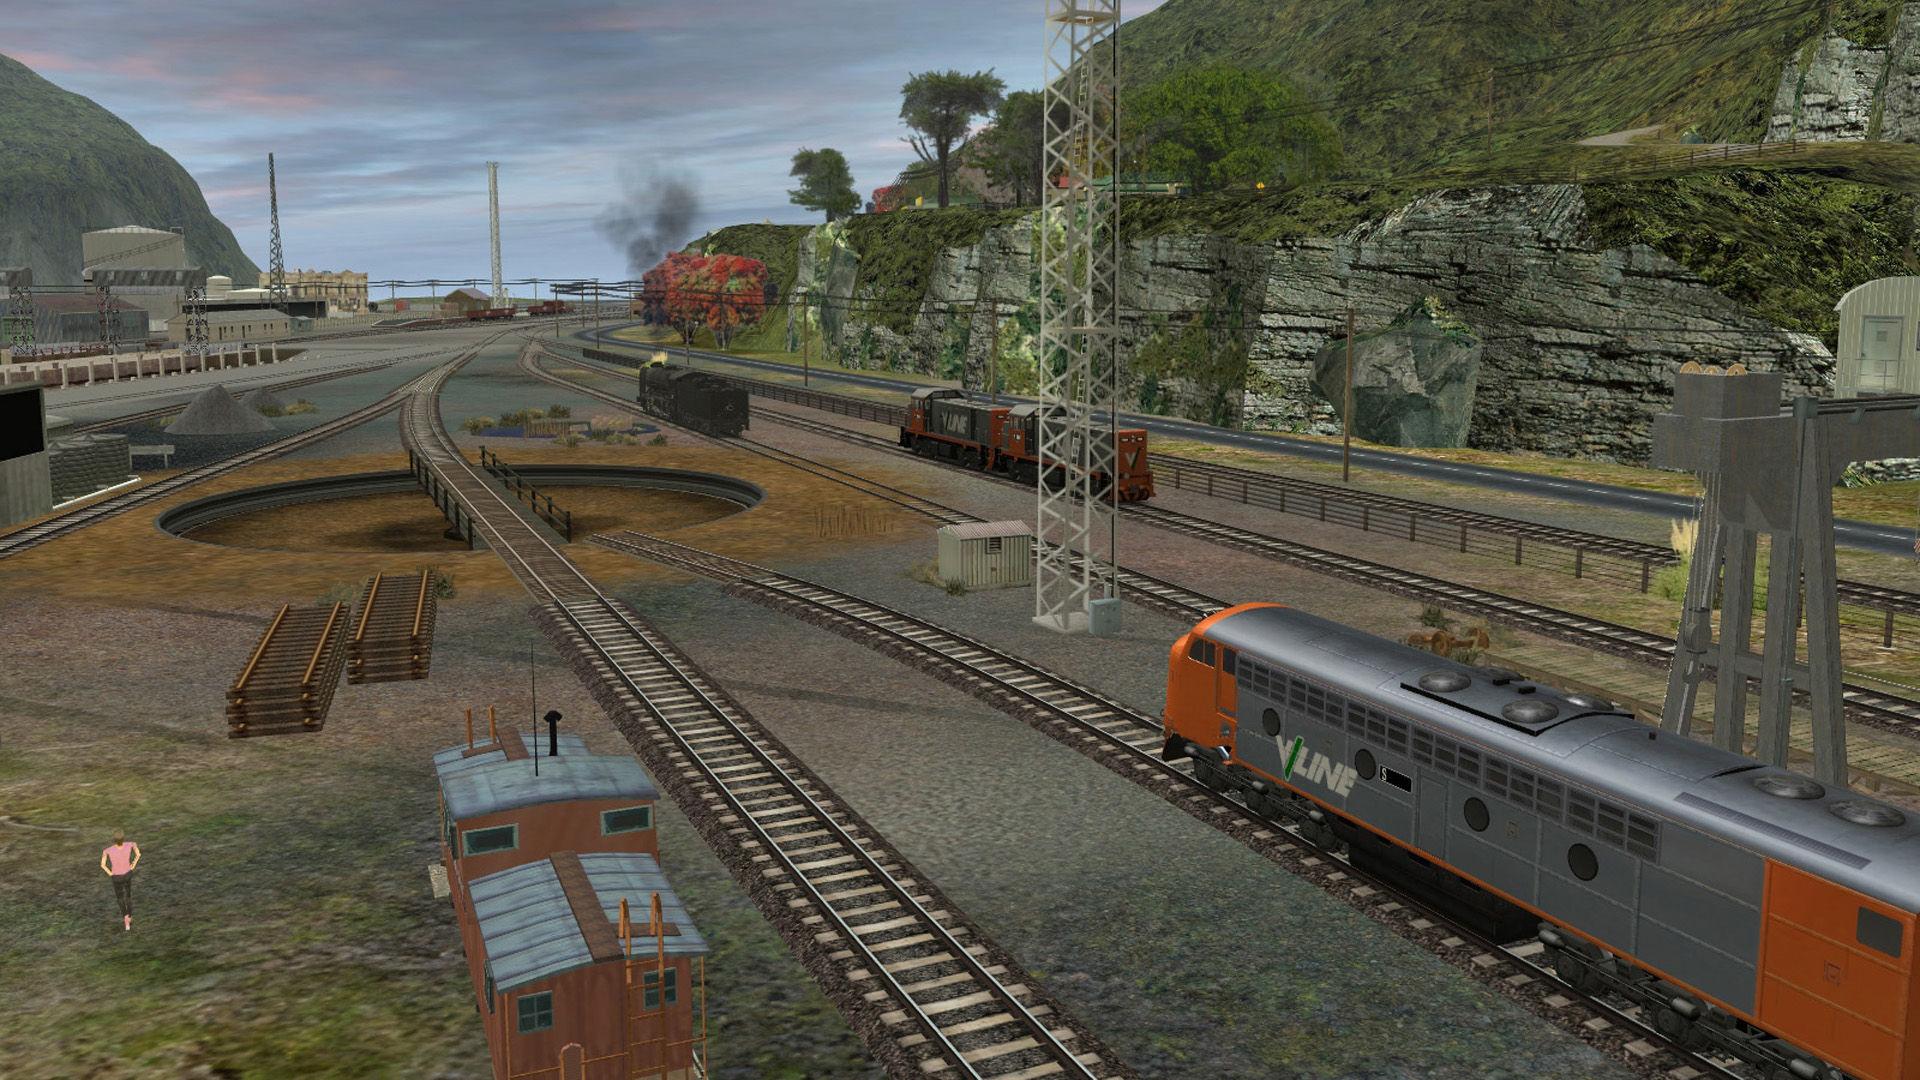 Trainz: Murchison 2 on Steam